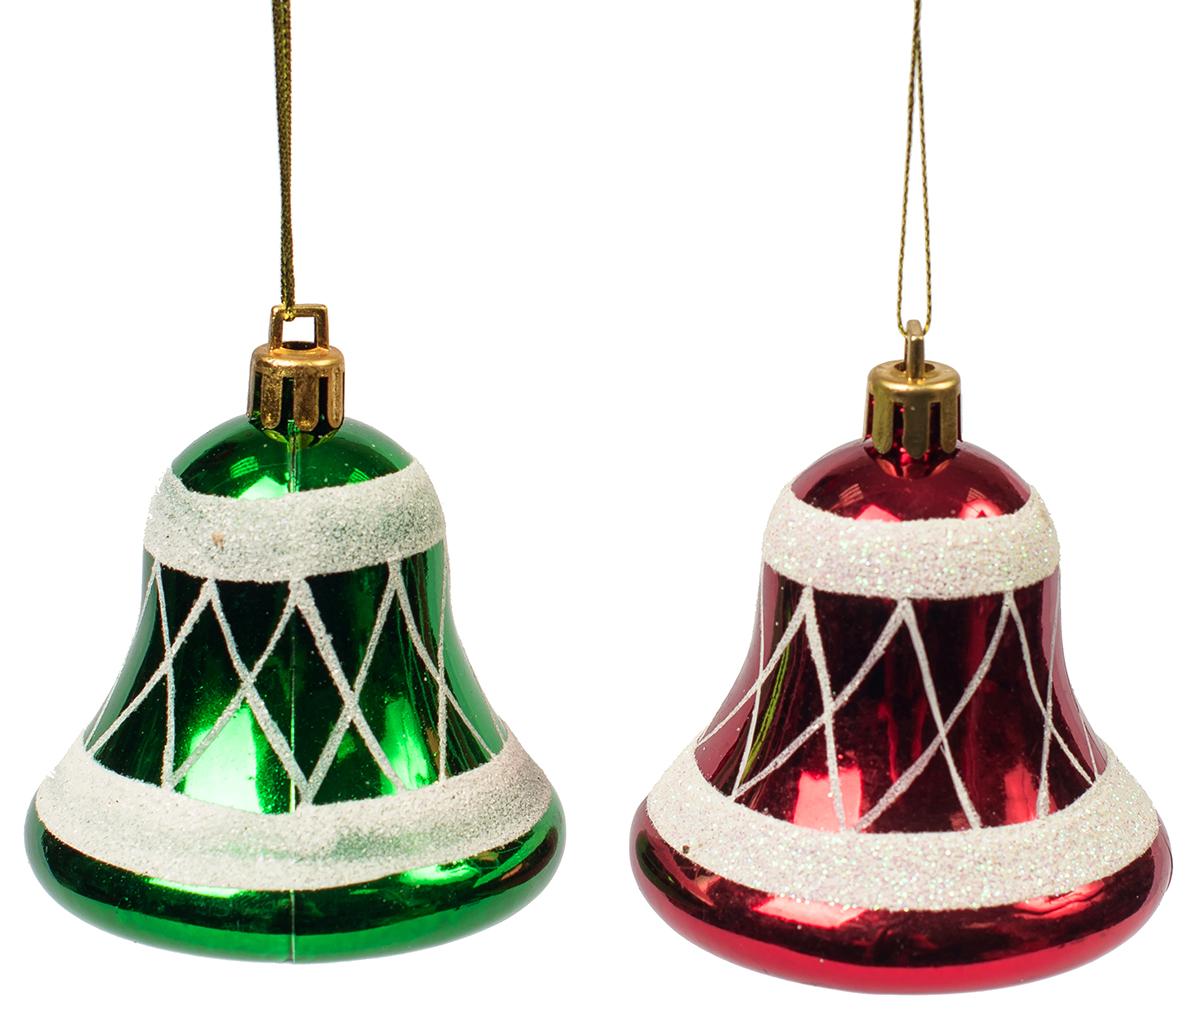 Украшение новогоднее подвесное Magic Time, 2 шт. 7546075460Новогоднее подвесное украшение, выполненное из пластика, в виде колокольчиков. В наборе 2 шт.